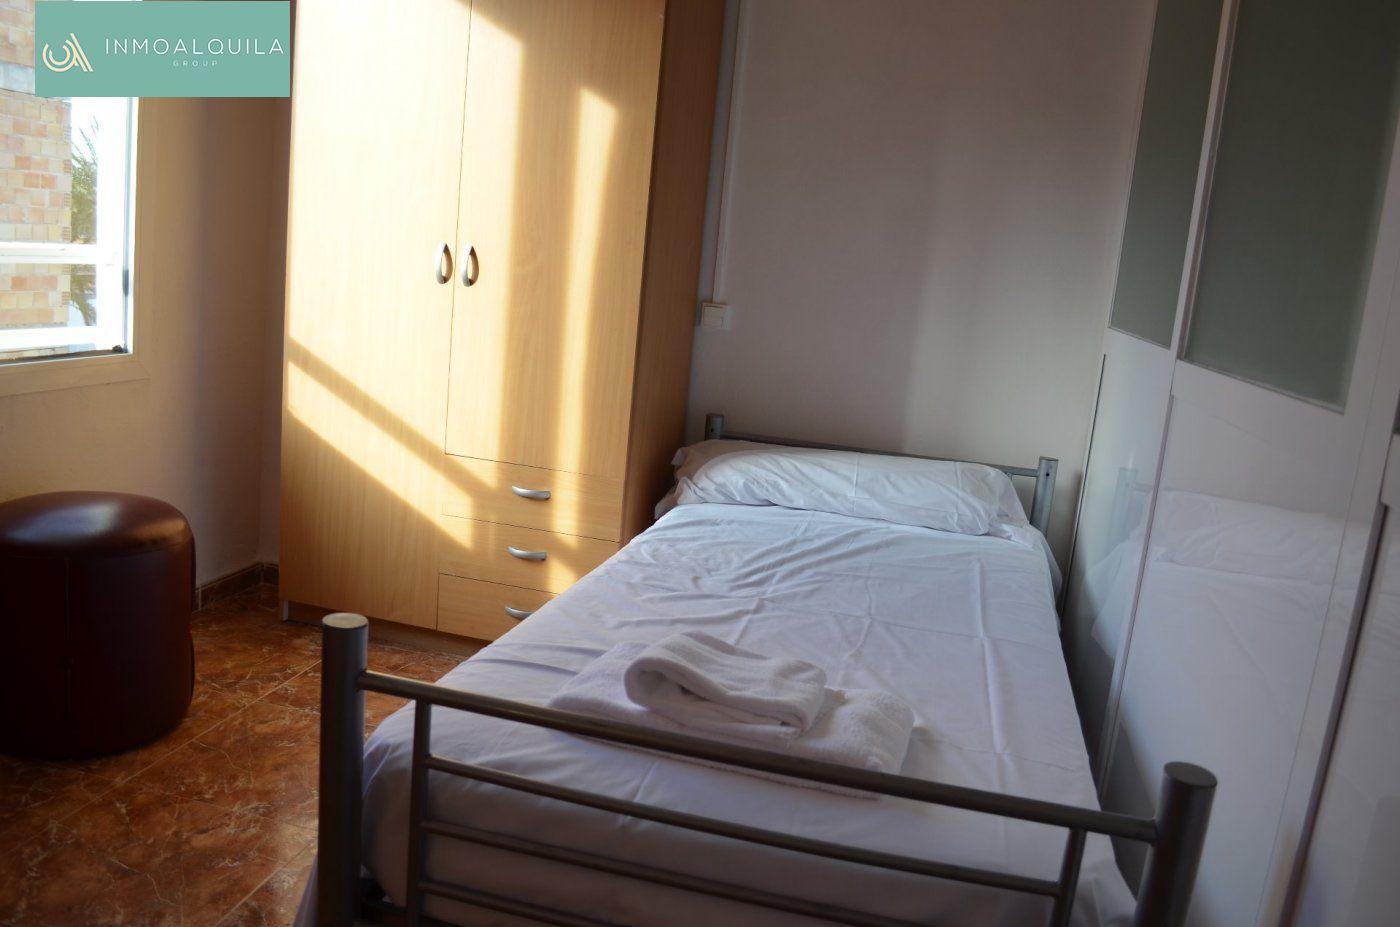 Location Appartement  Playa de muro ,playas de muro. Se alquila bonito apartamento en platges de muro. 2hab. 1baño. 7